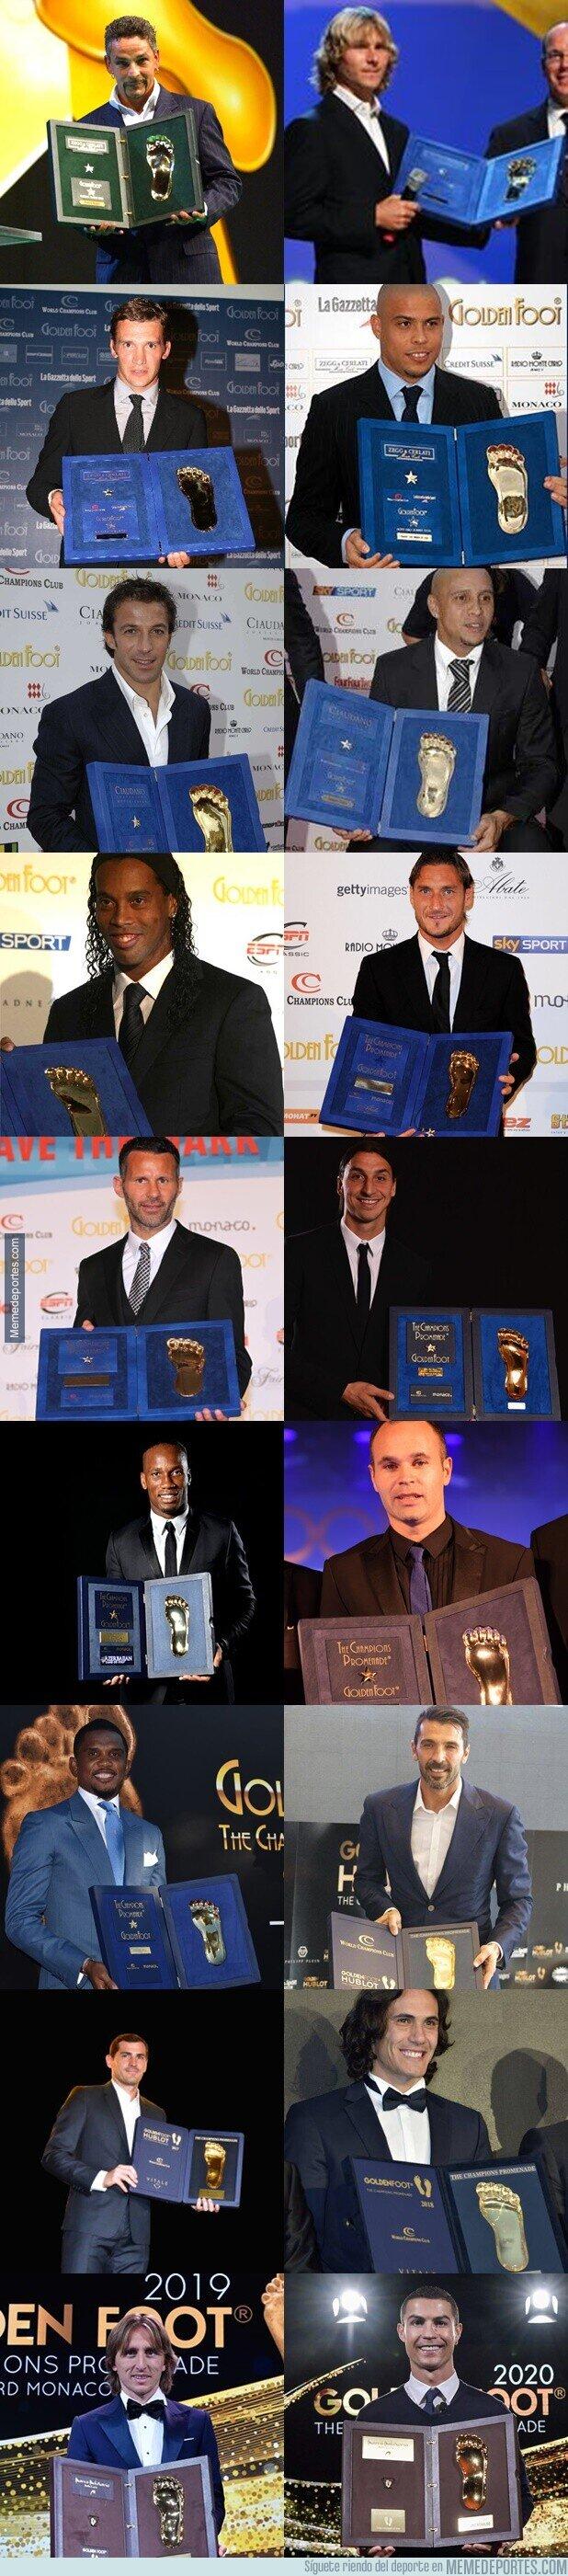 1123445 - Todos los ganadores del Golden foot desde 2003. Solo élites